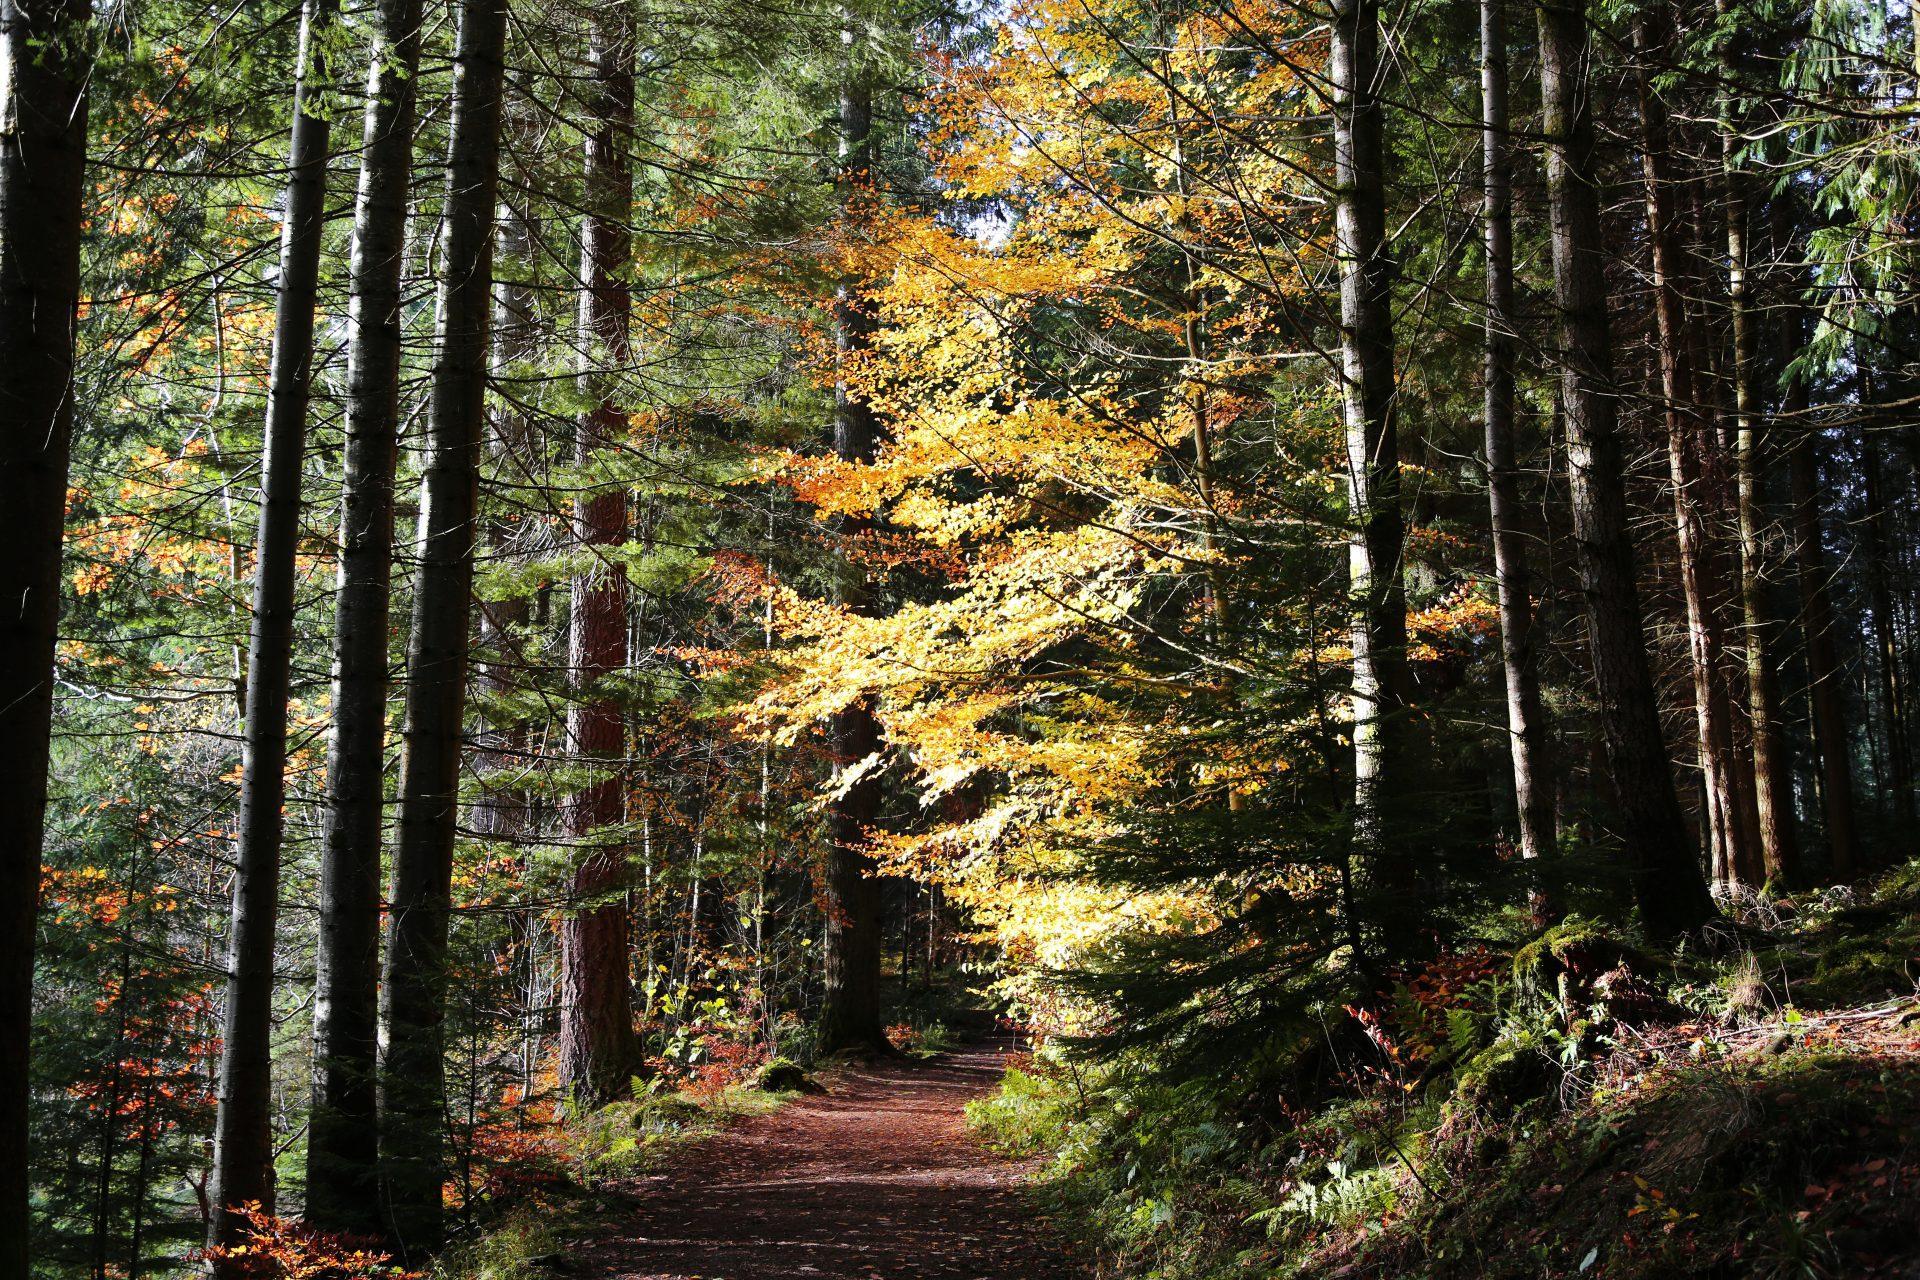 Gwydir Forest Park, Conwy, Wales